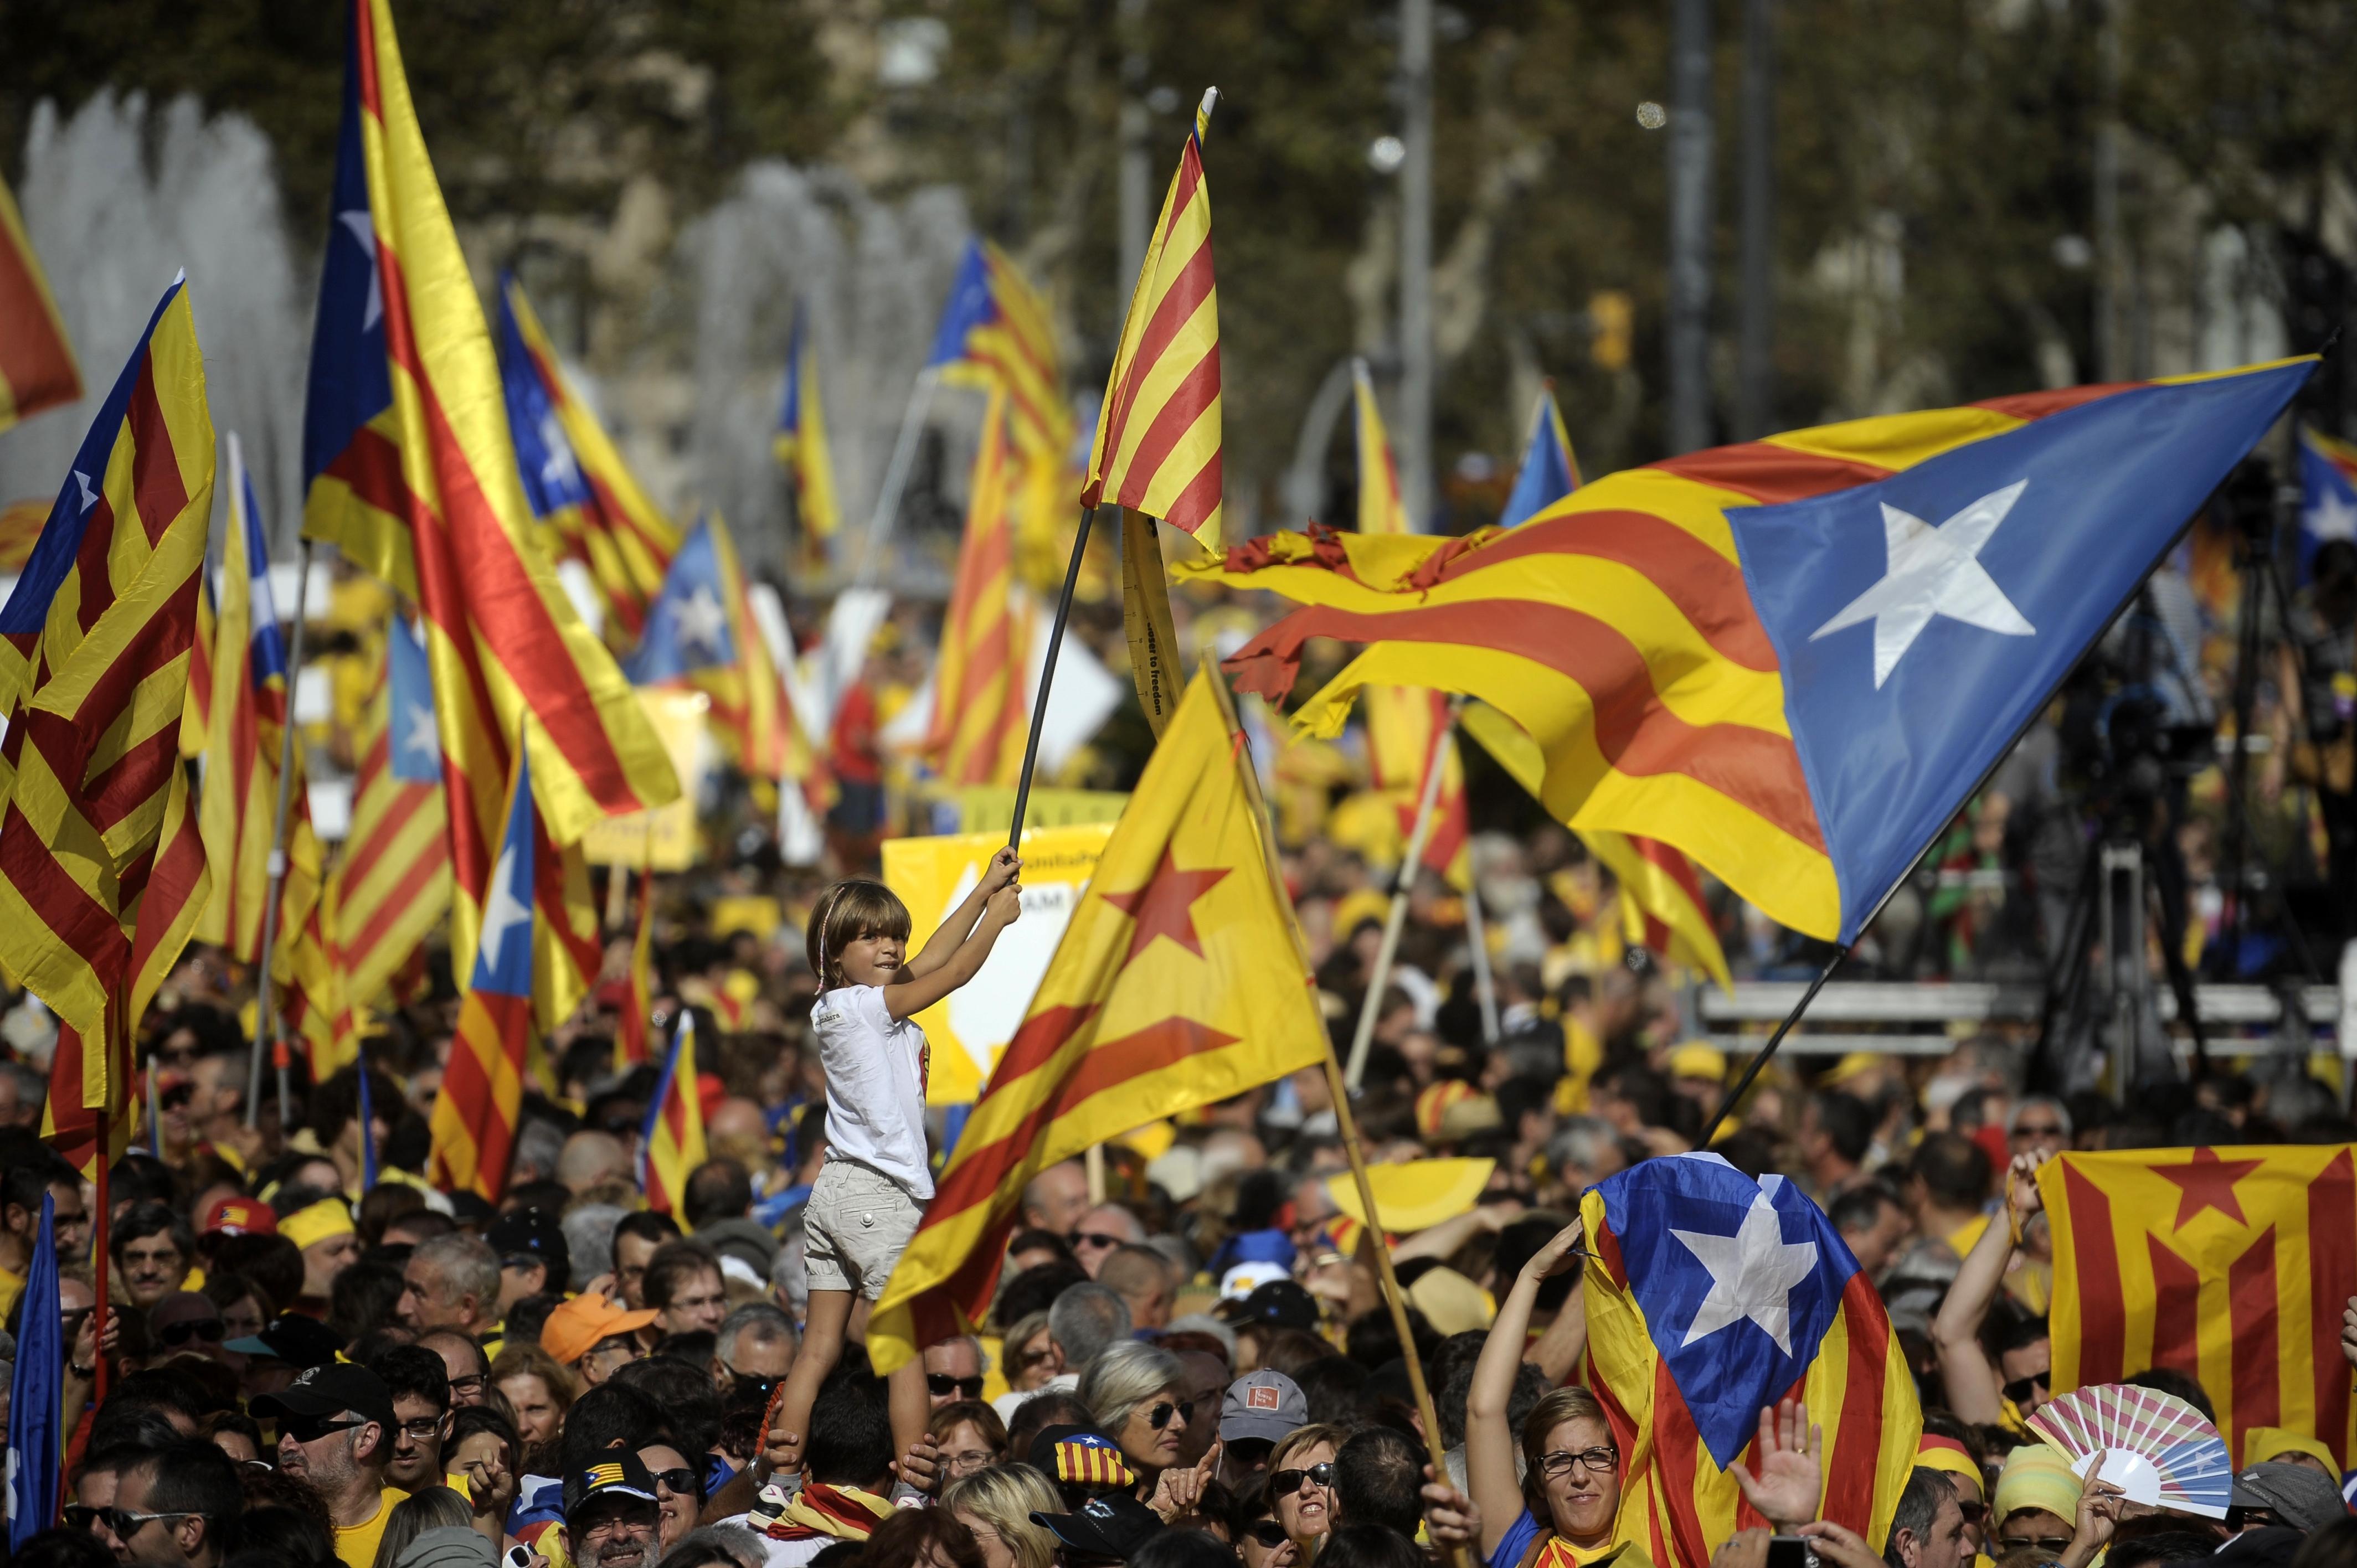 В Барселоне прошел миллионный митинг в поддержку независимости Каталонии